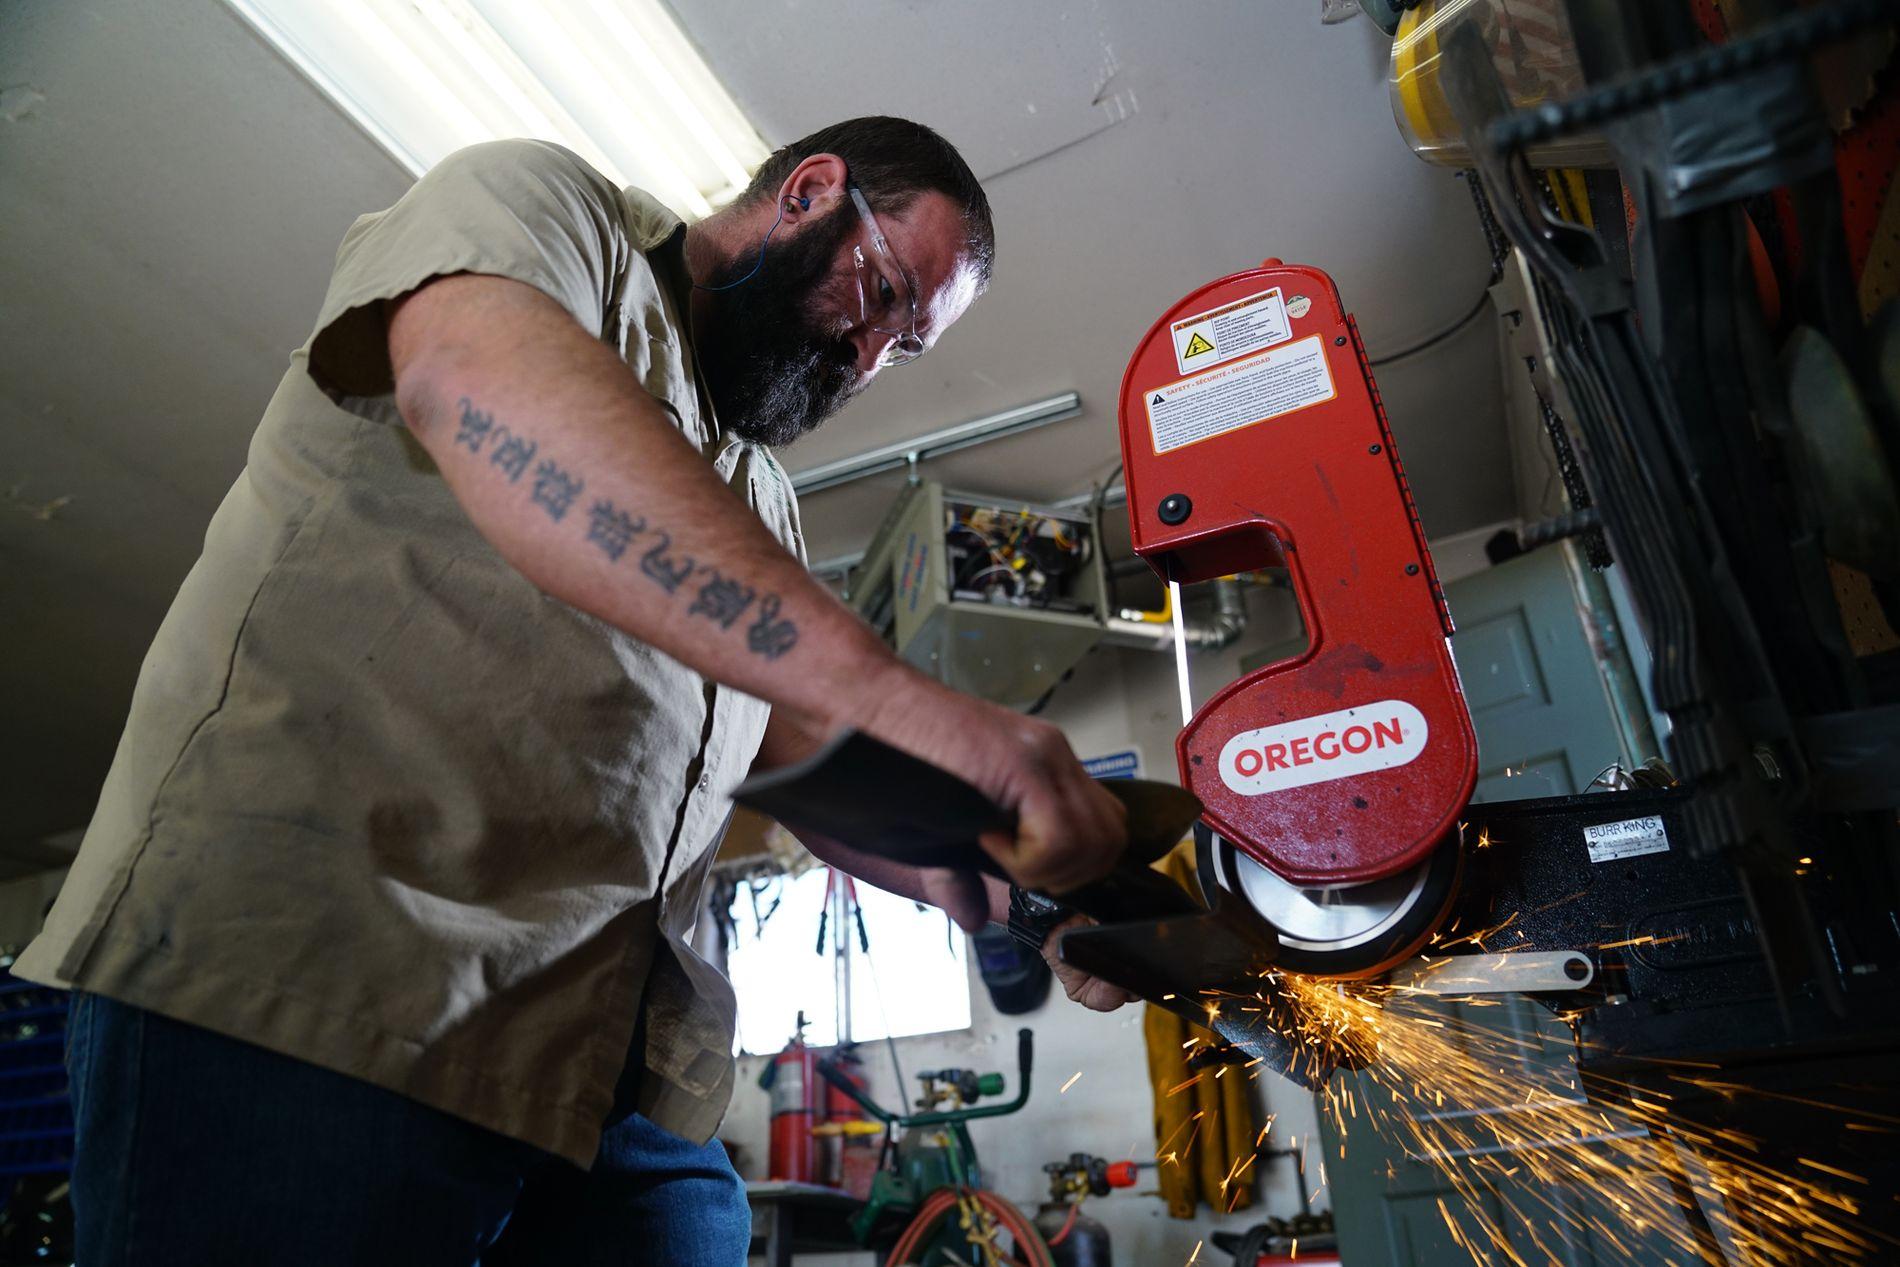 Mechanic sharpening mower blades